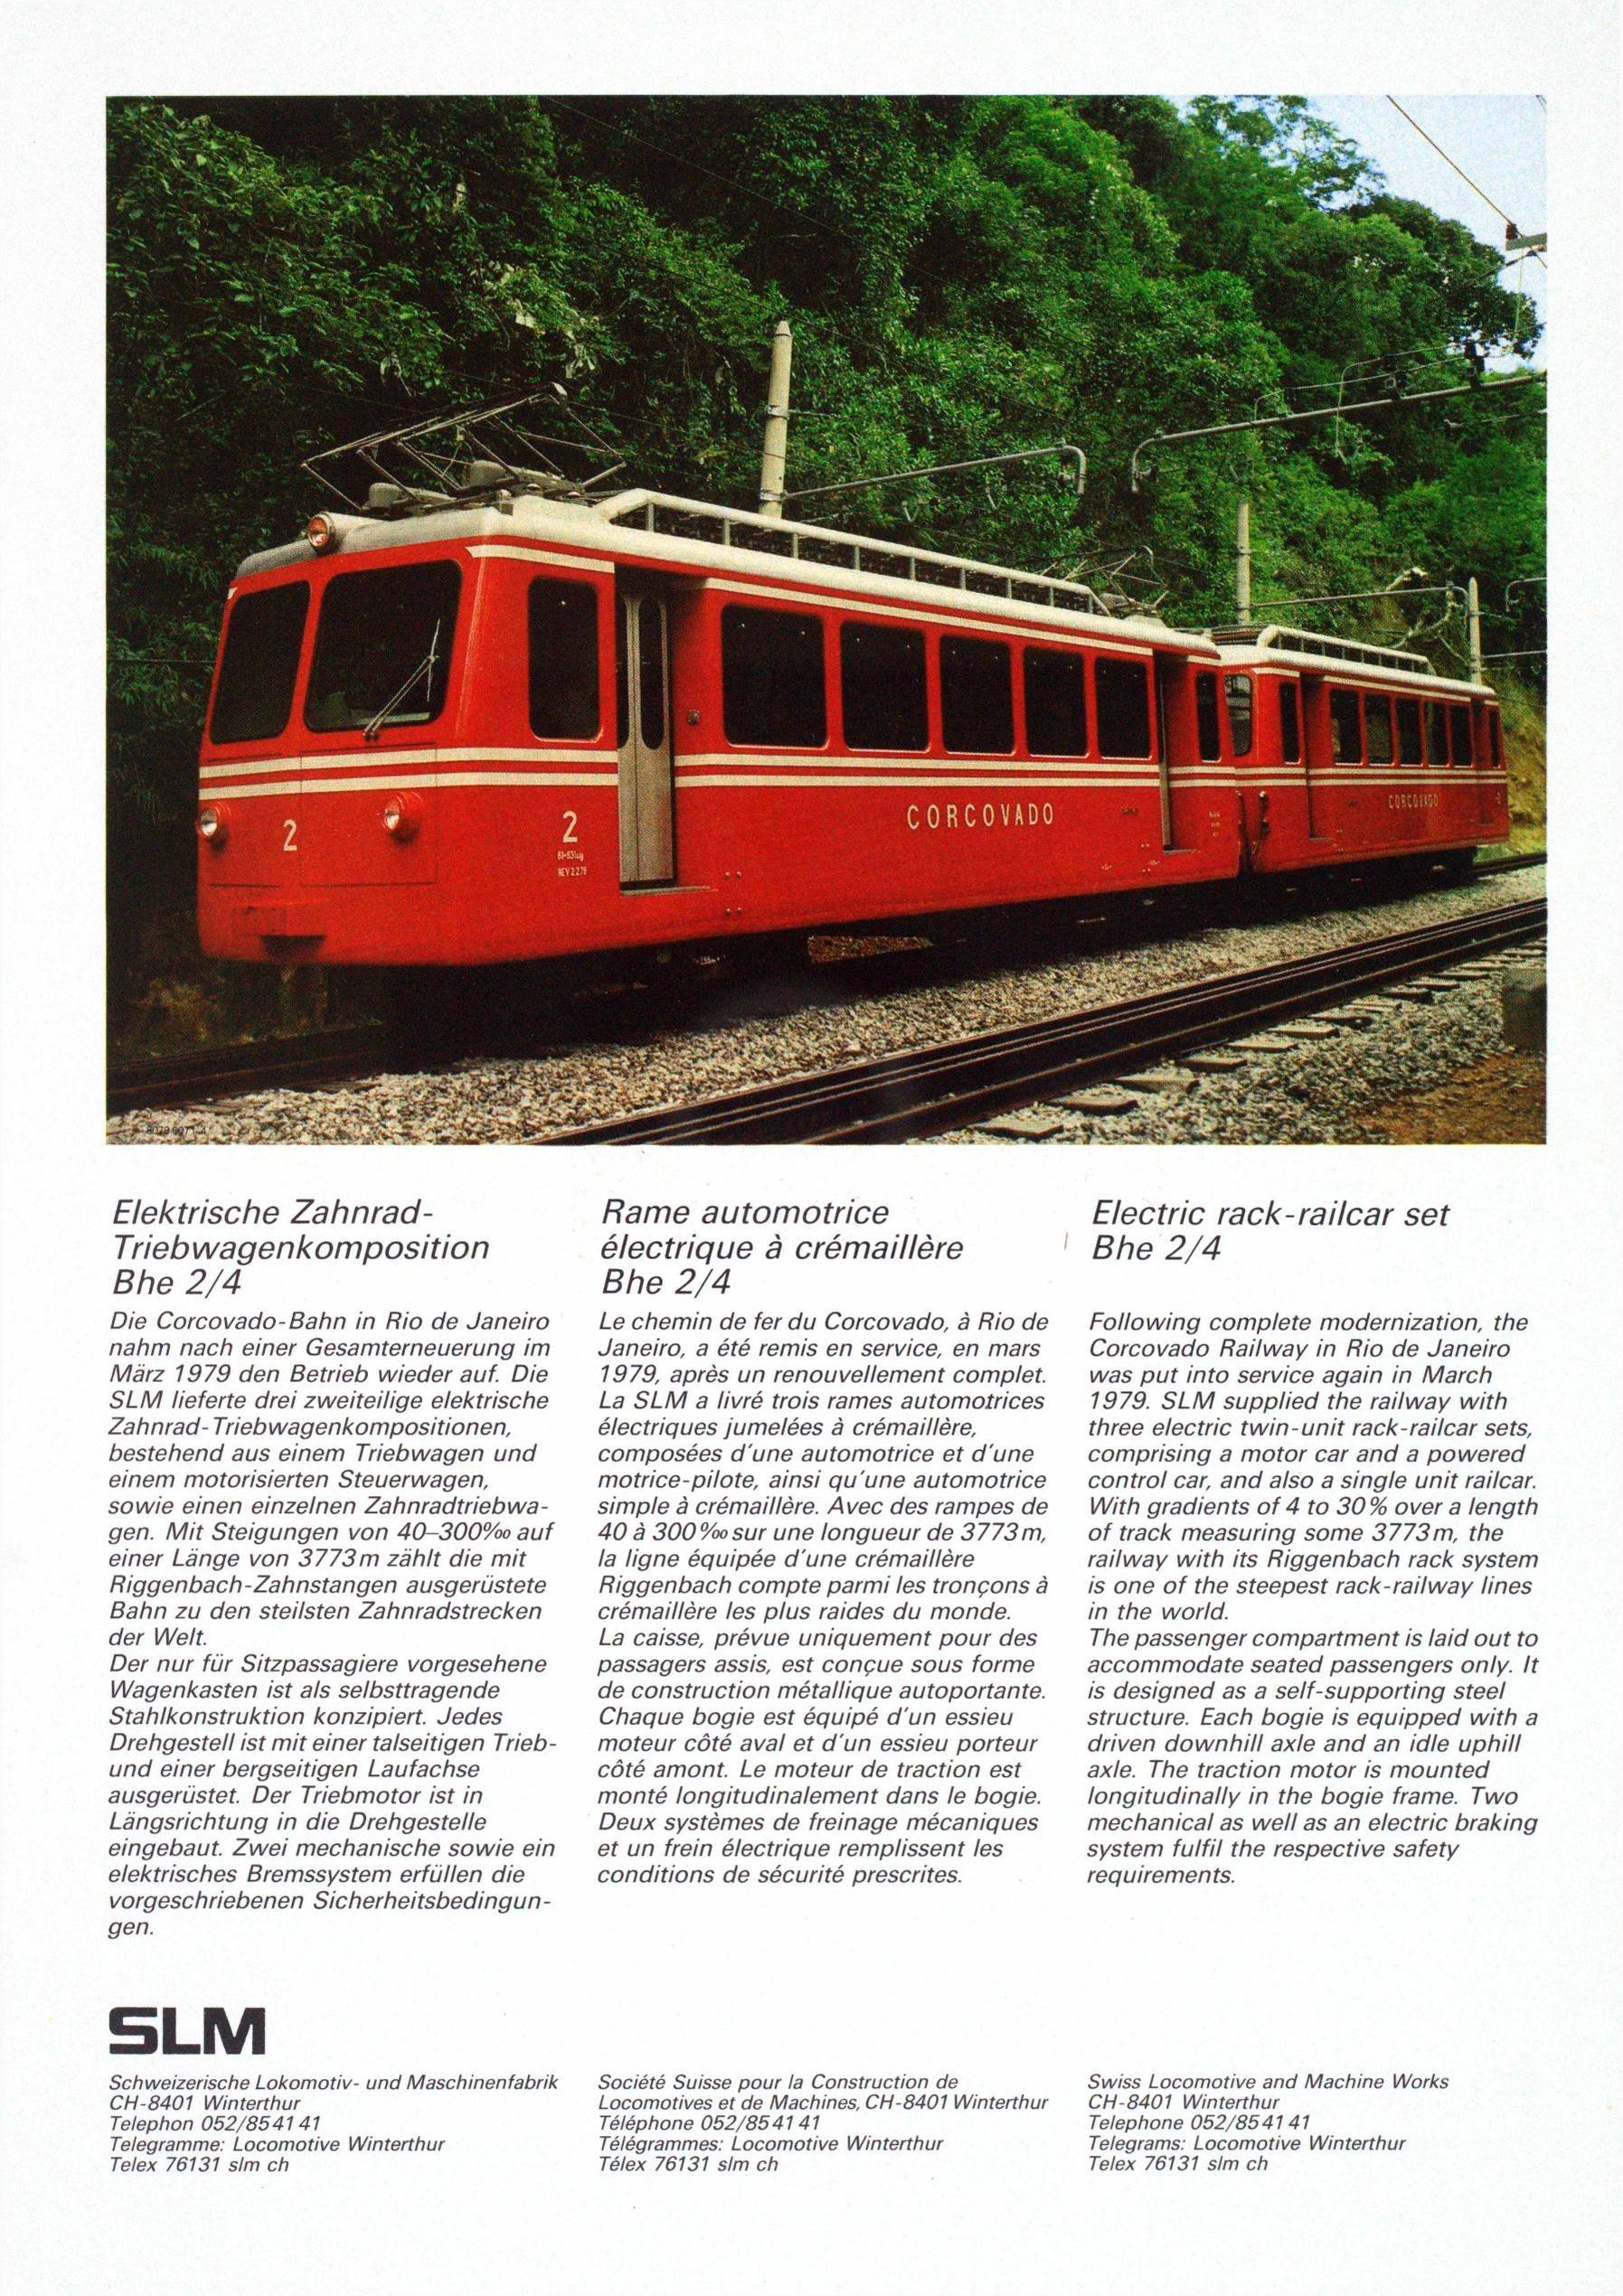 Datei:SBB Historic - 21 32 05 - Elektrische Zahnrad-Triebwagen Bhe ...